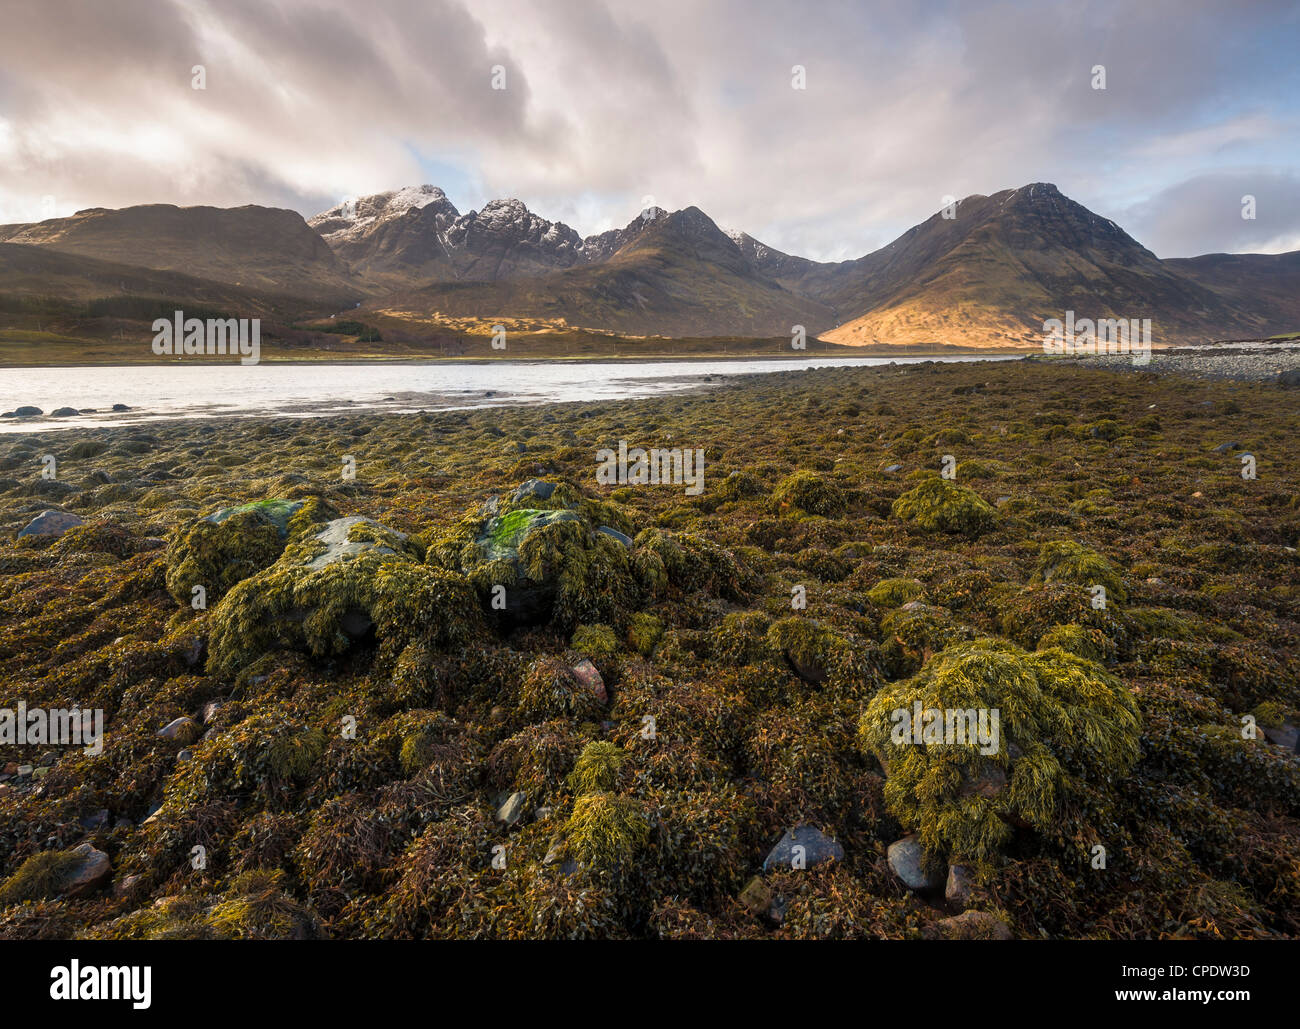 Winter sunrise over Bla Bheinn and Loch Slapin, Isle of Skye, Inner Hebrides, Highlands, Scotland, UK - Stock Image